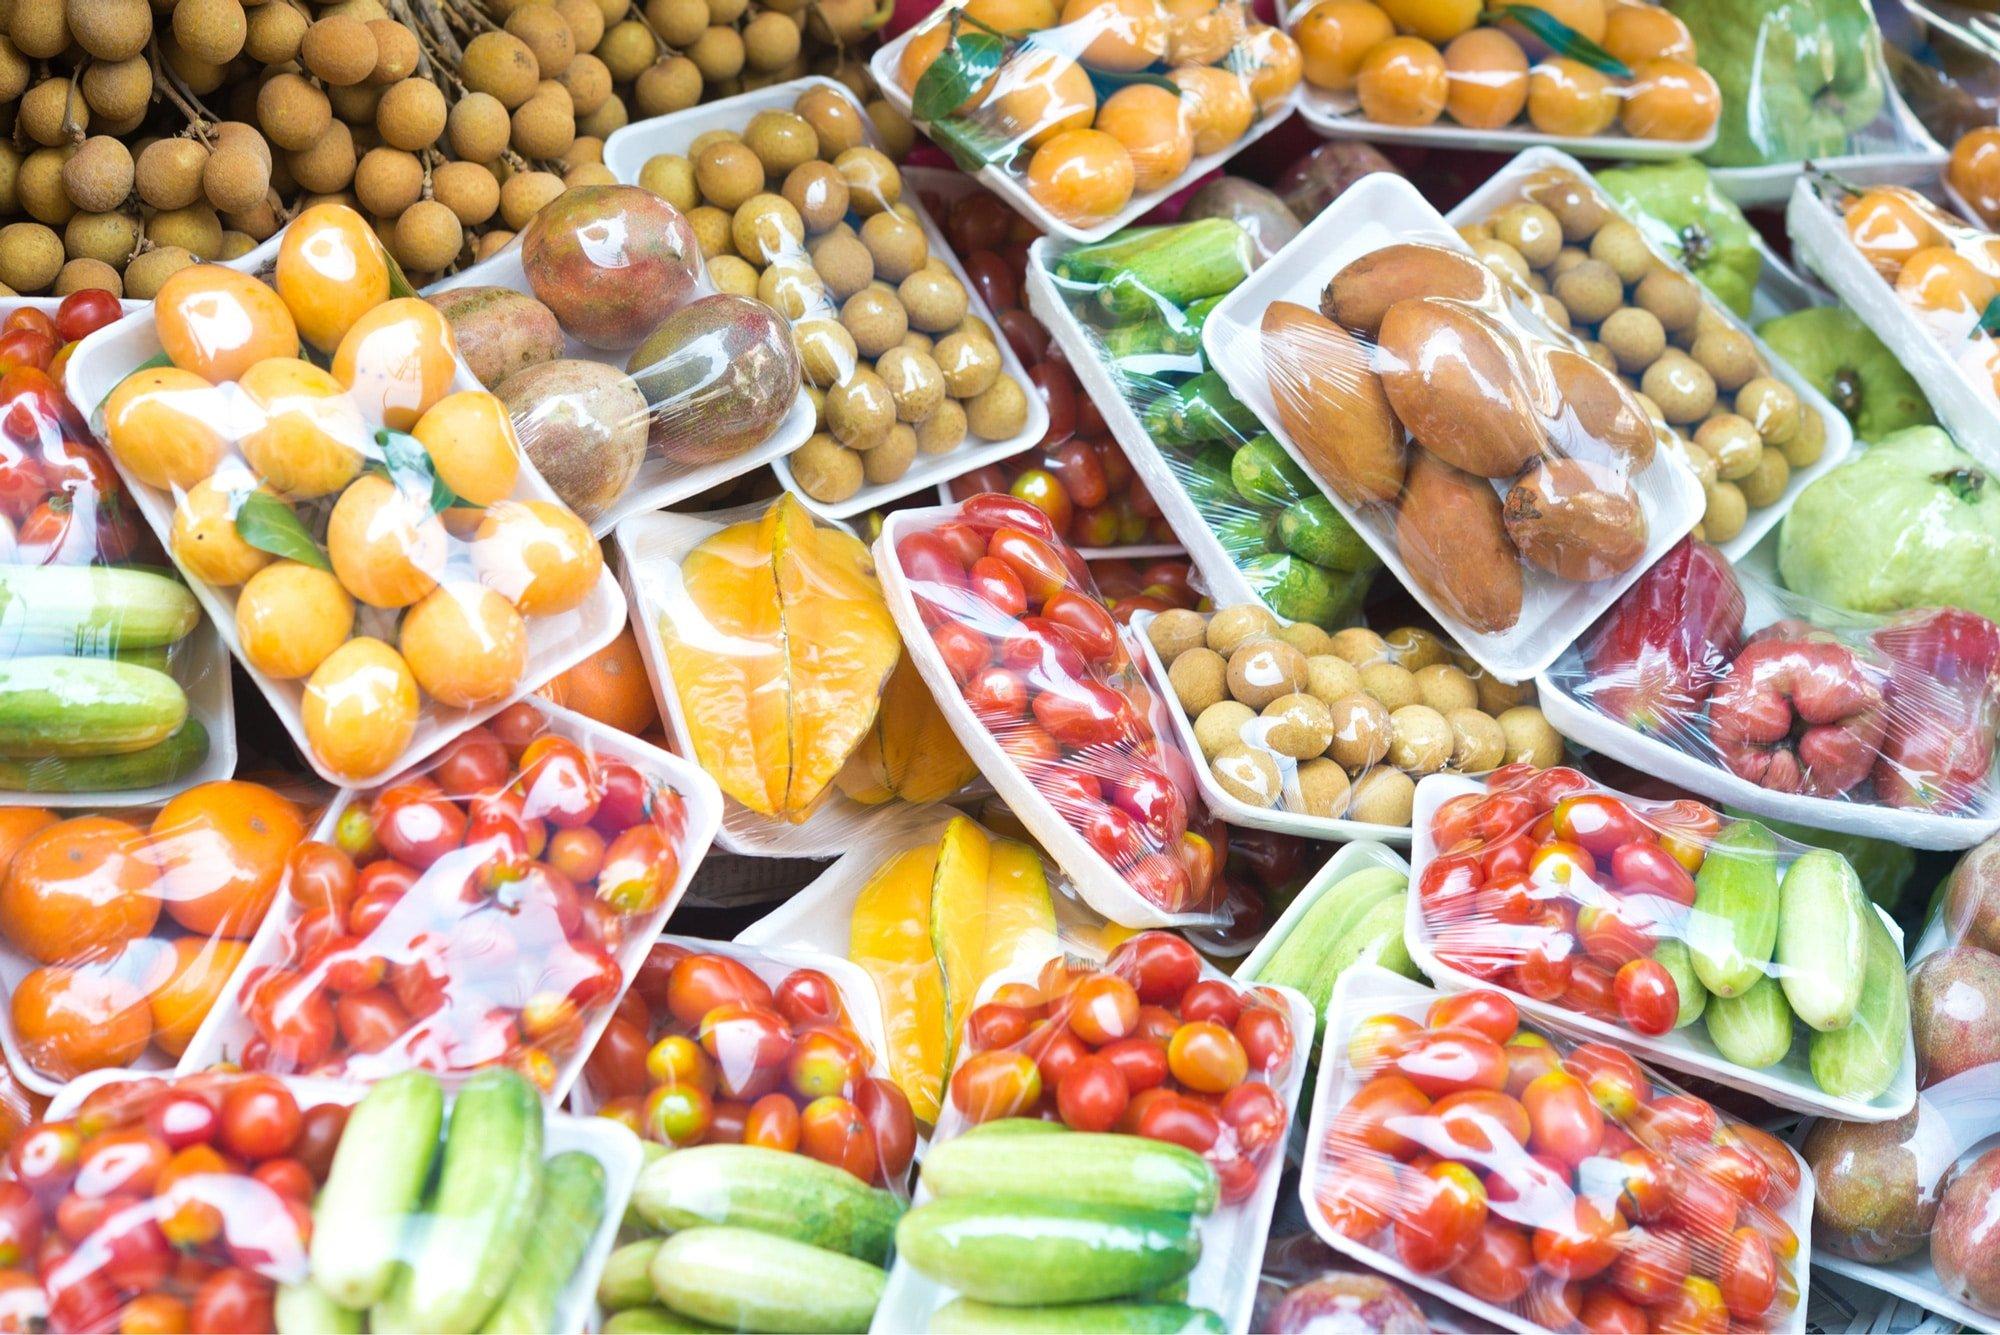 บอกต่อ 5 วิธีแพ็กส่งผลไม้ ให้สดอร่อยถึงมือลูกค้า